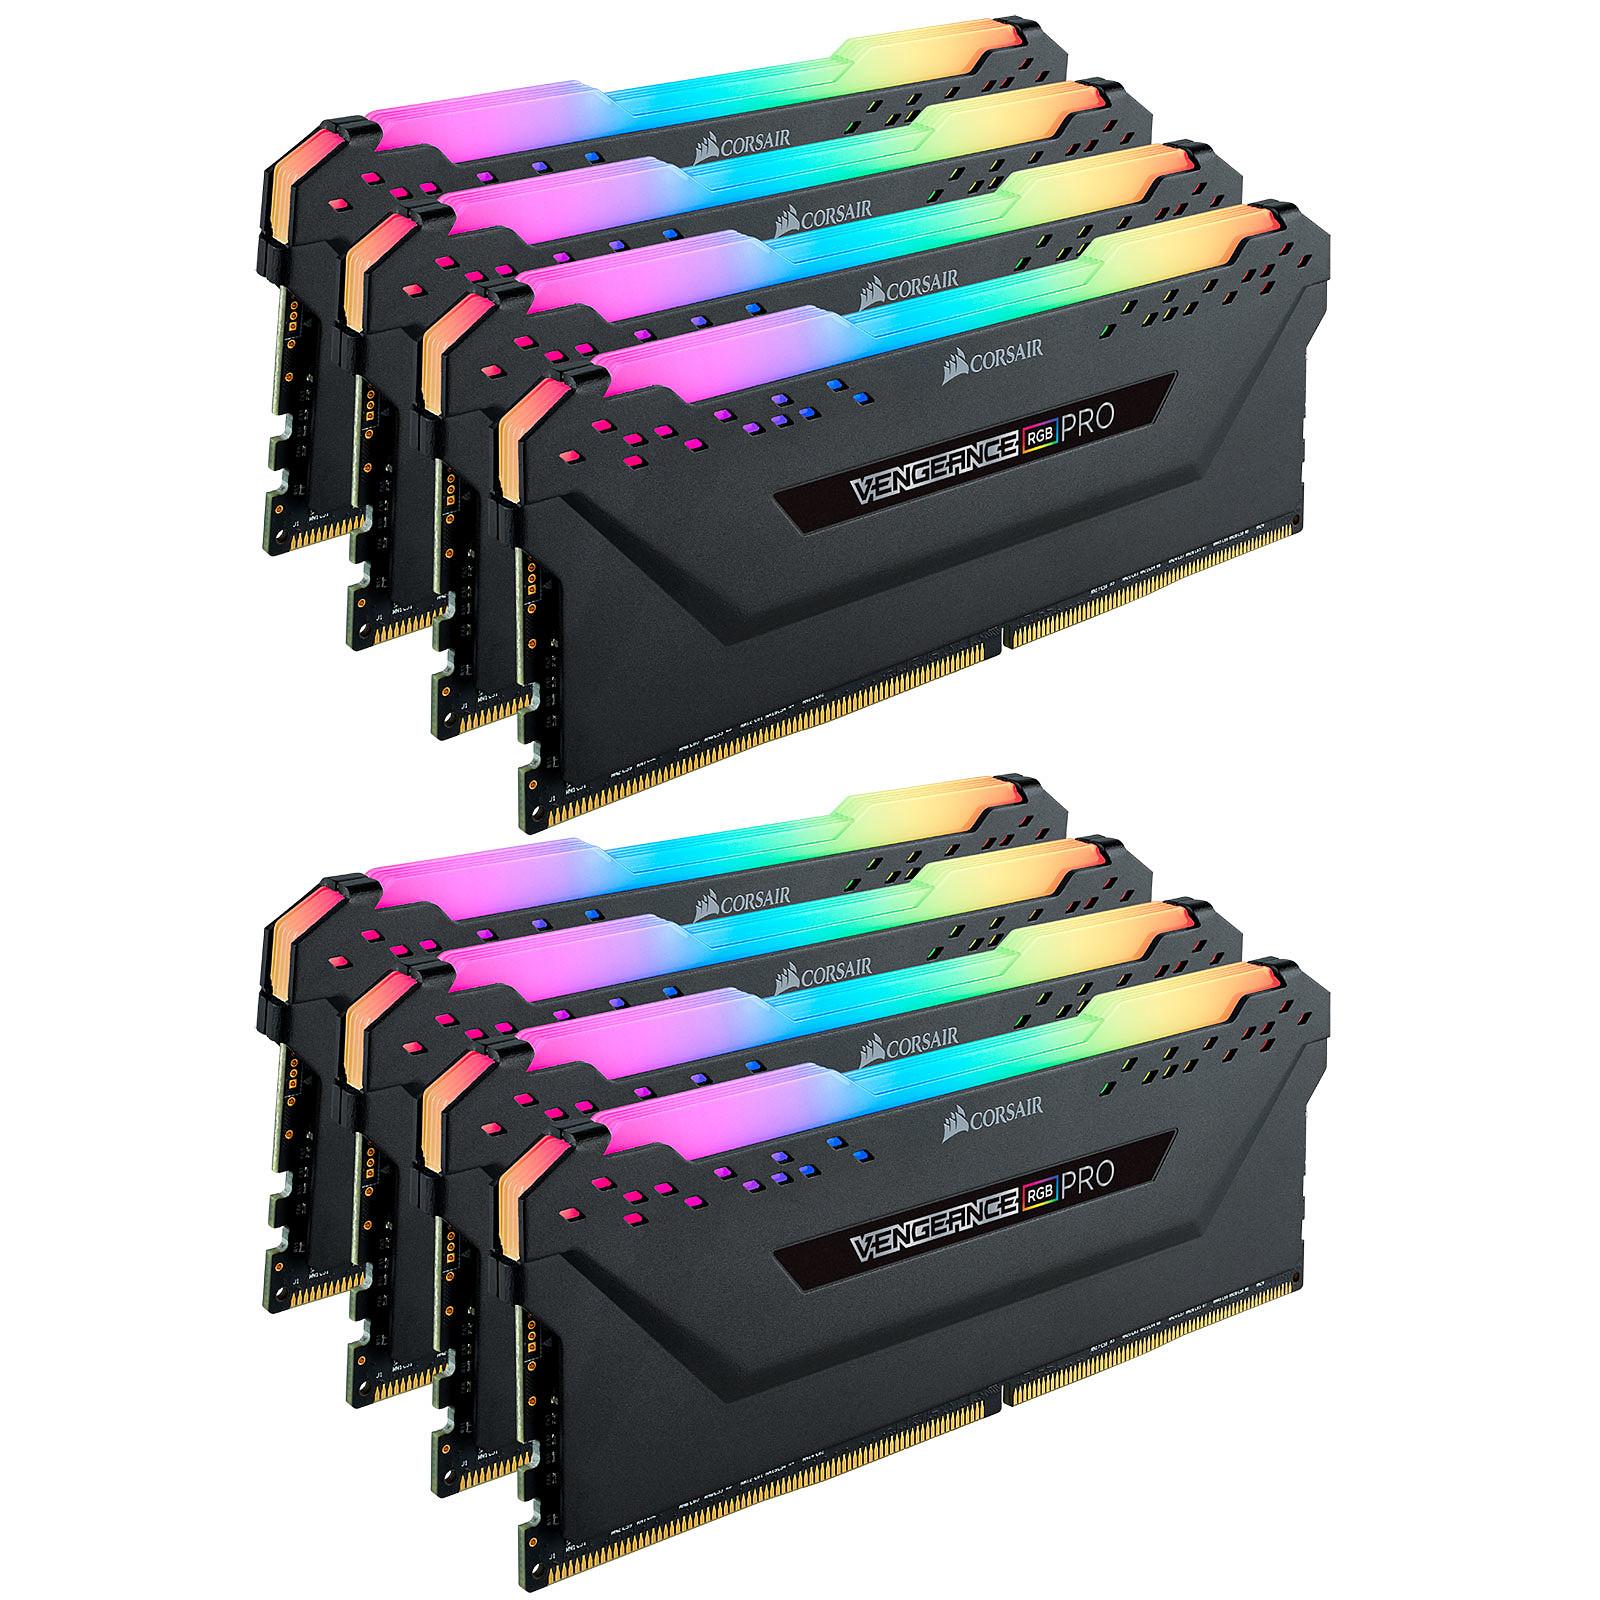 Corsair Vengeance RGB PRO Series 128 Go (8x 16 Go) DDR4 3600 MHz CL16